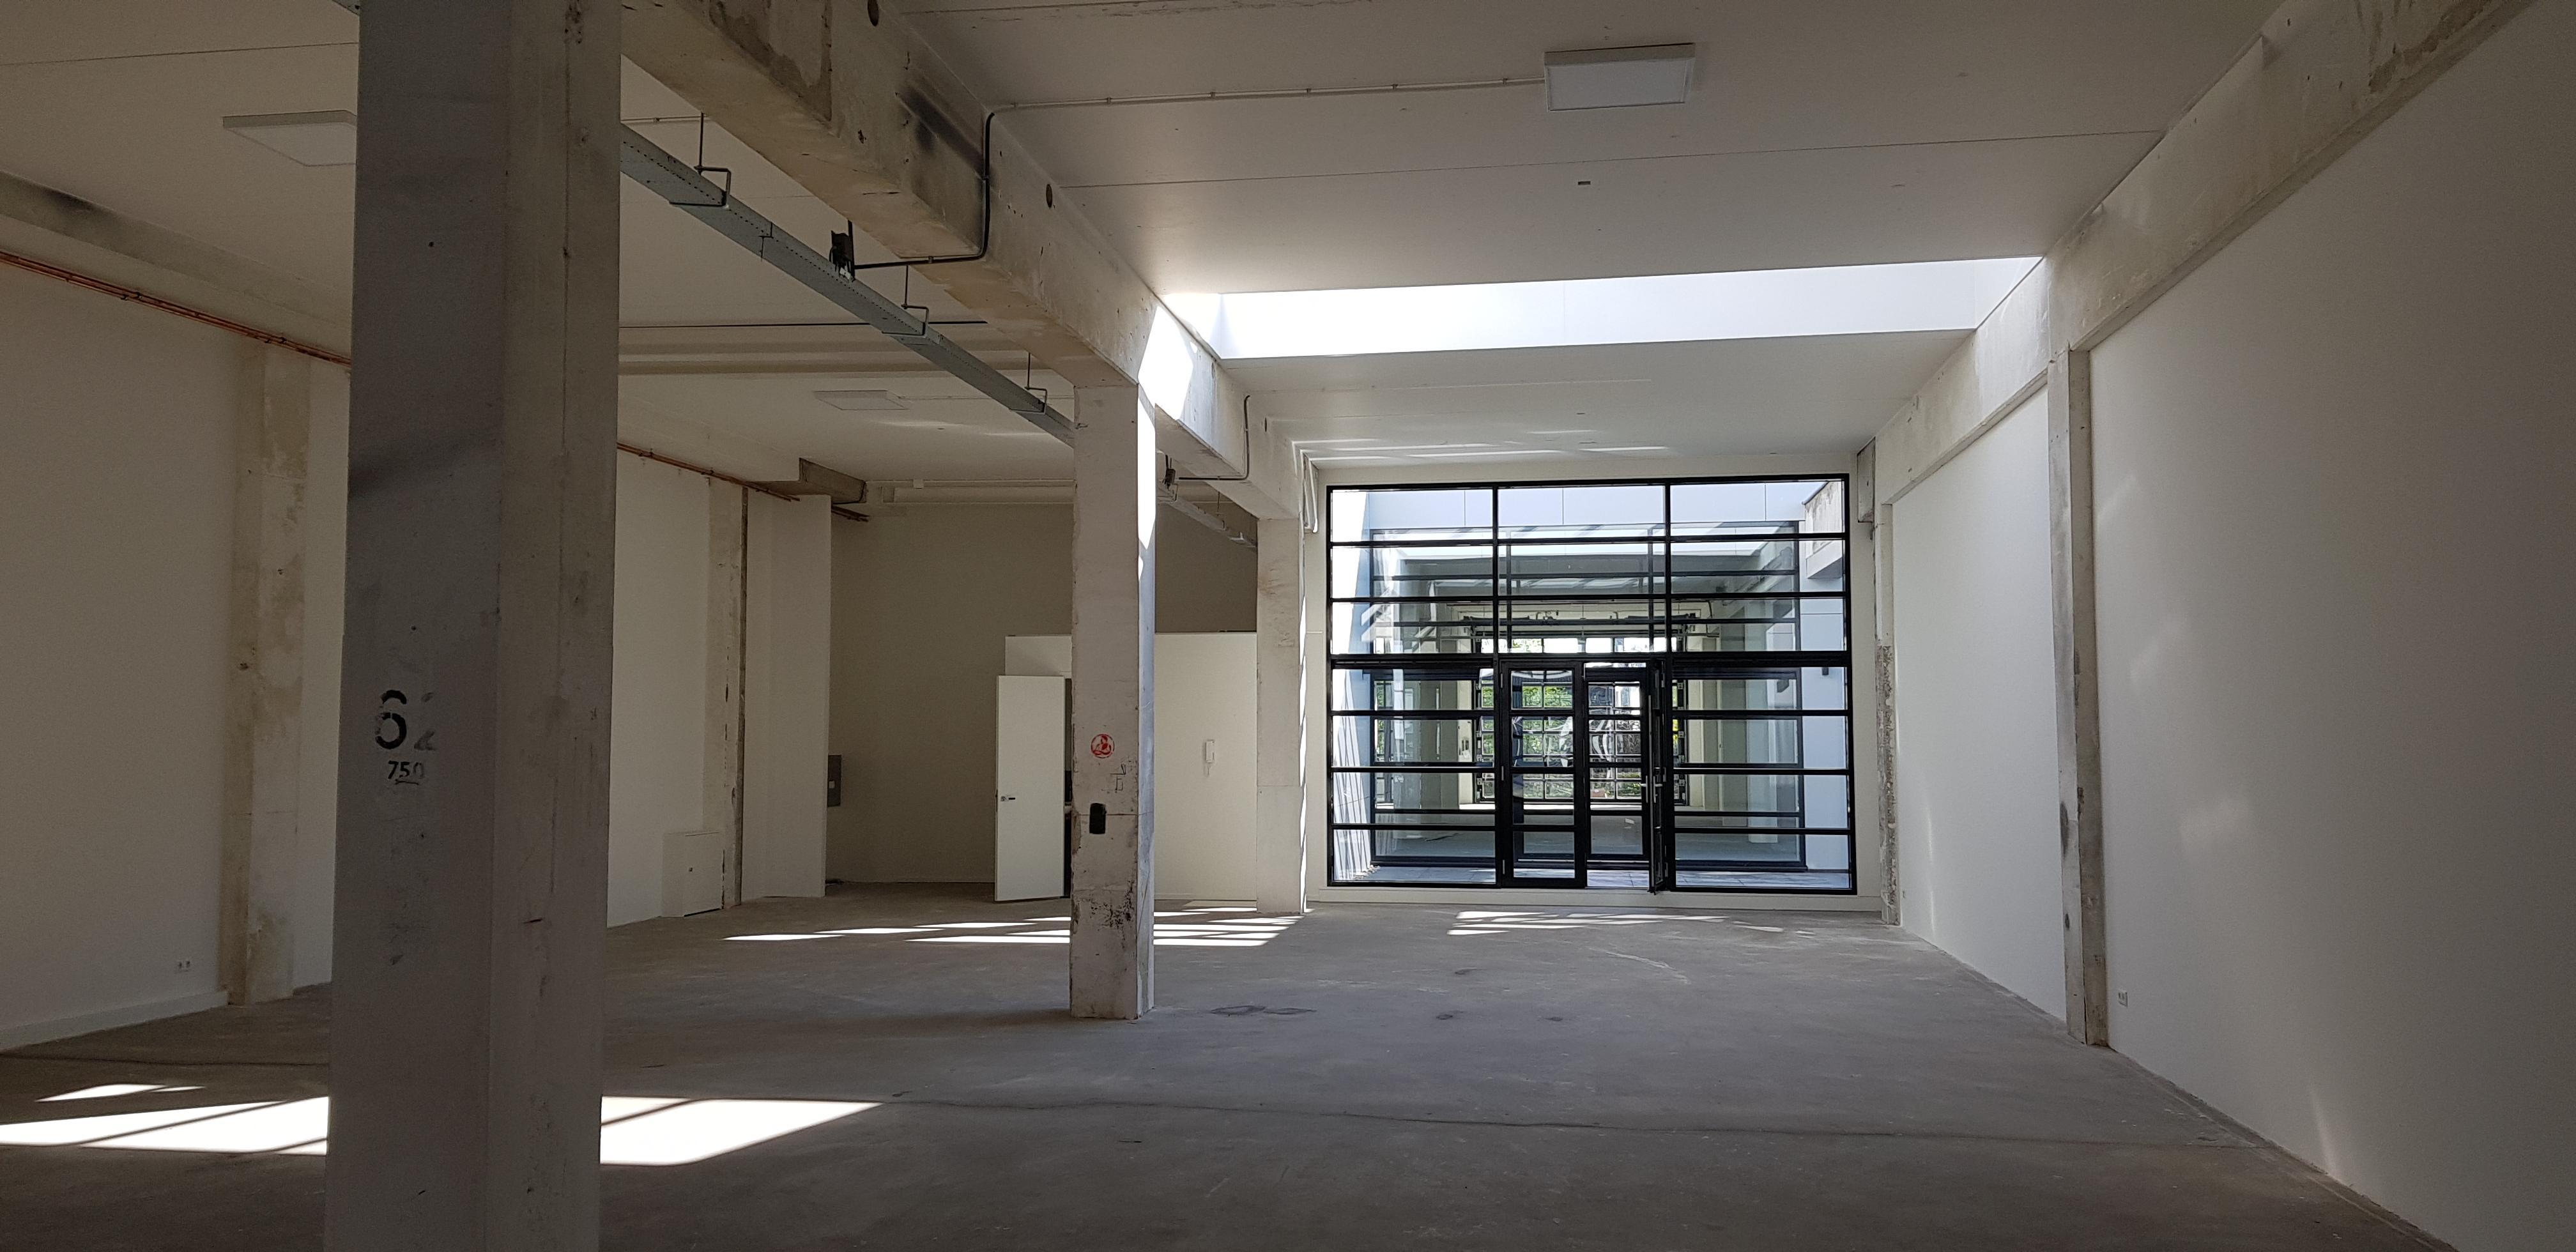 UFA Bouw_Renovatie_Generaal Vetterstraat_Bedrijfslofts_Loft Achter Beneden